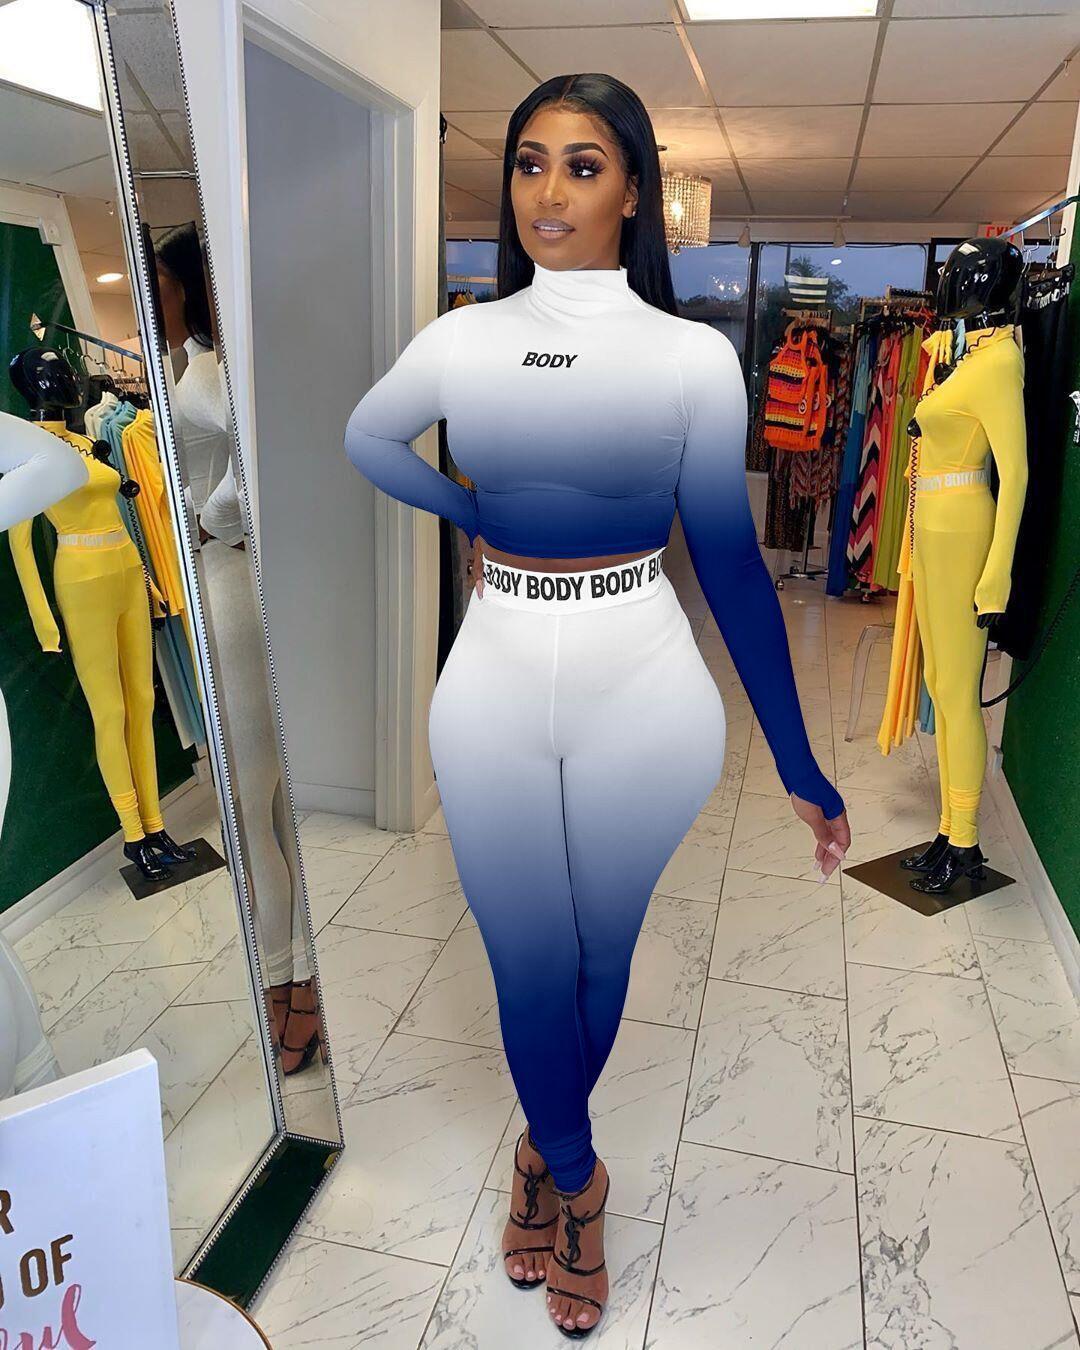 섹시한 여성 스포츠 정장 두 조각 세트 편지 인쇄 탑스 높은 허리 긴 바지 복장 패션 트랙 슈트 S-XXL